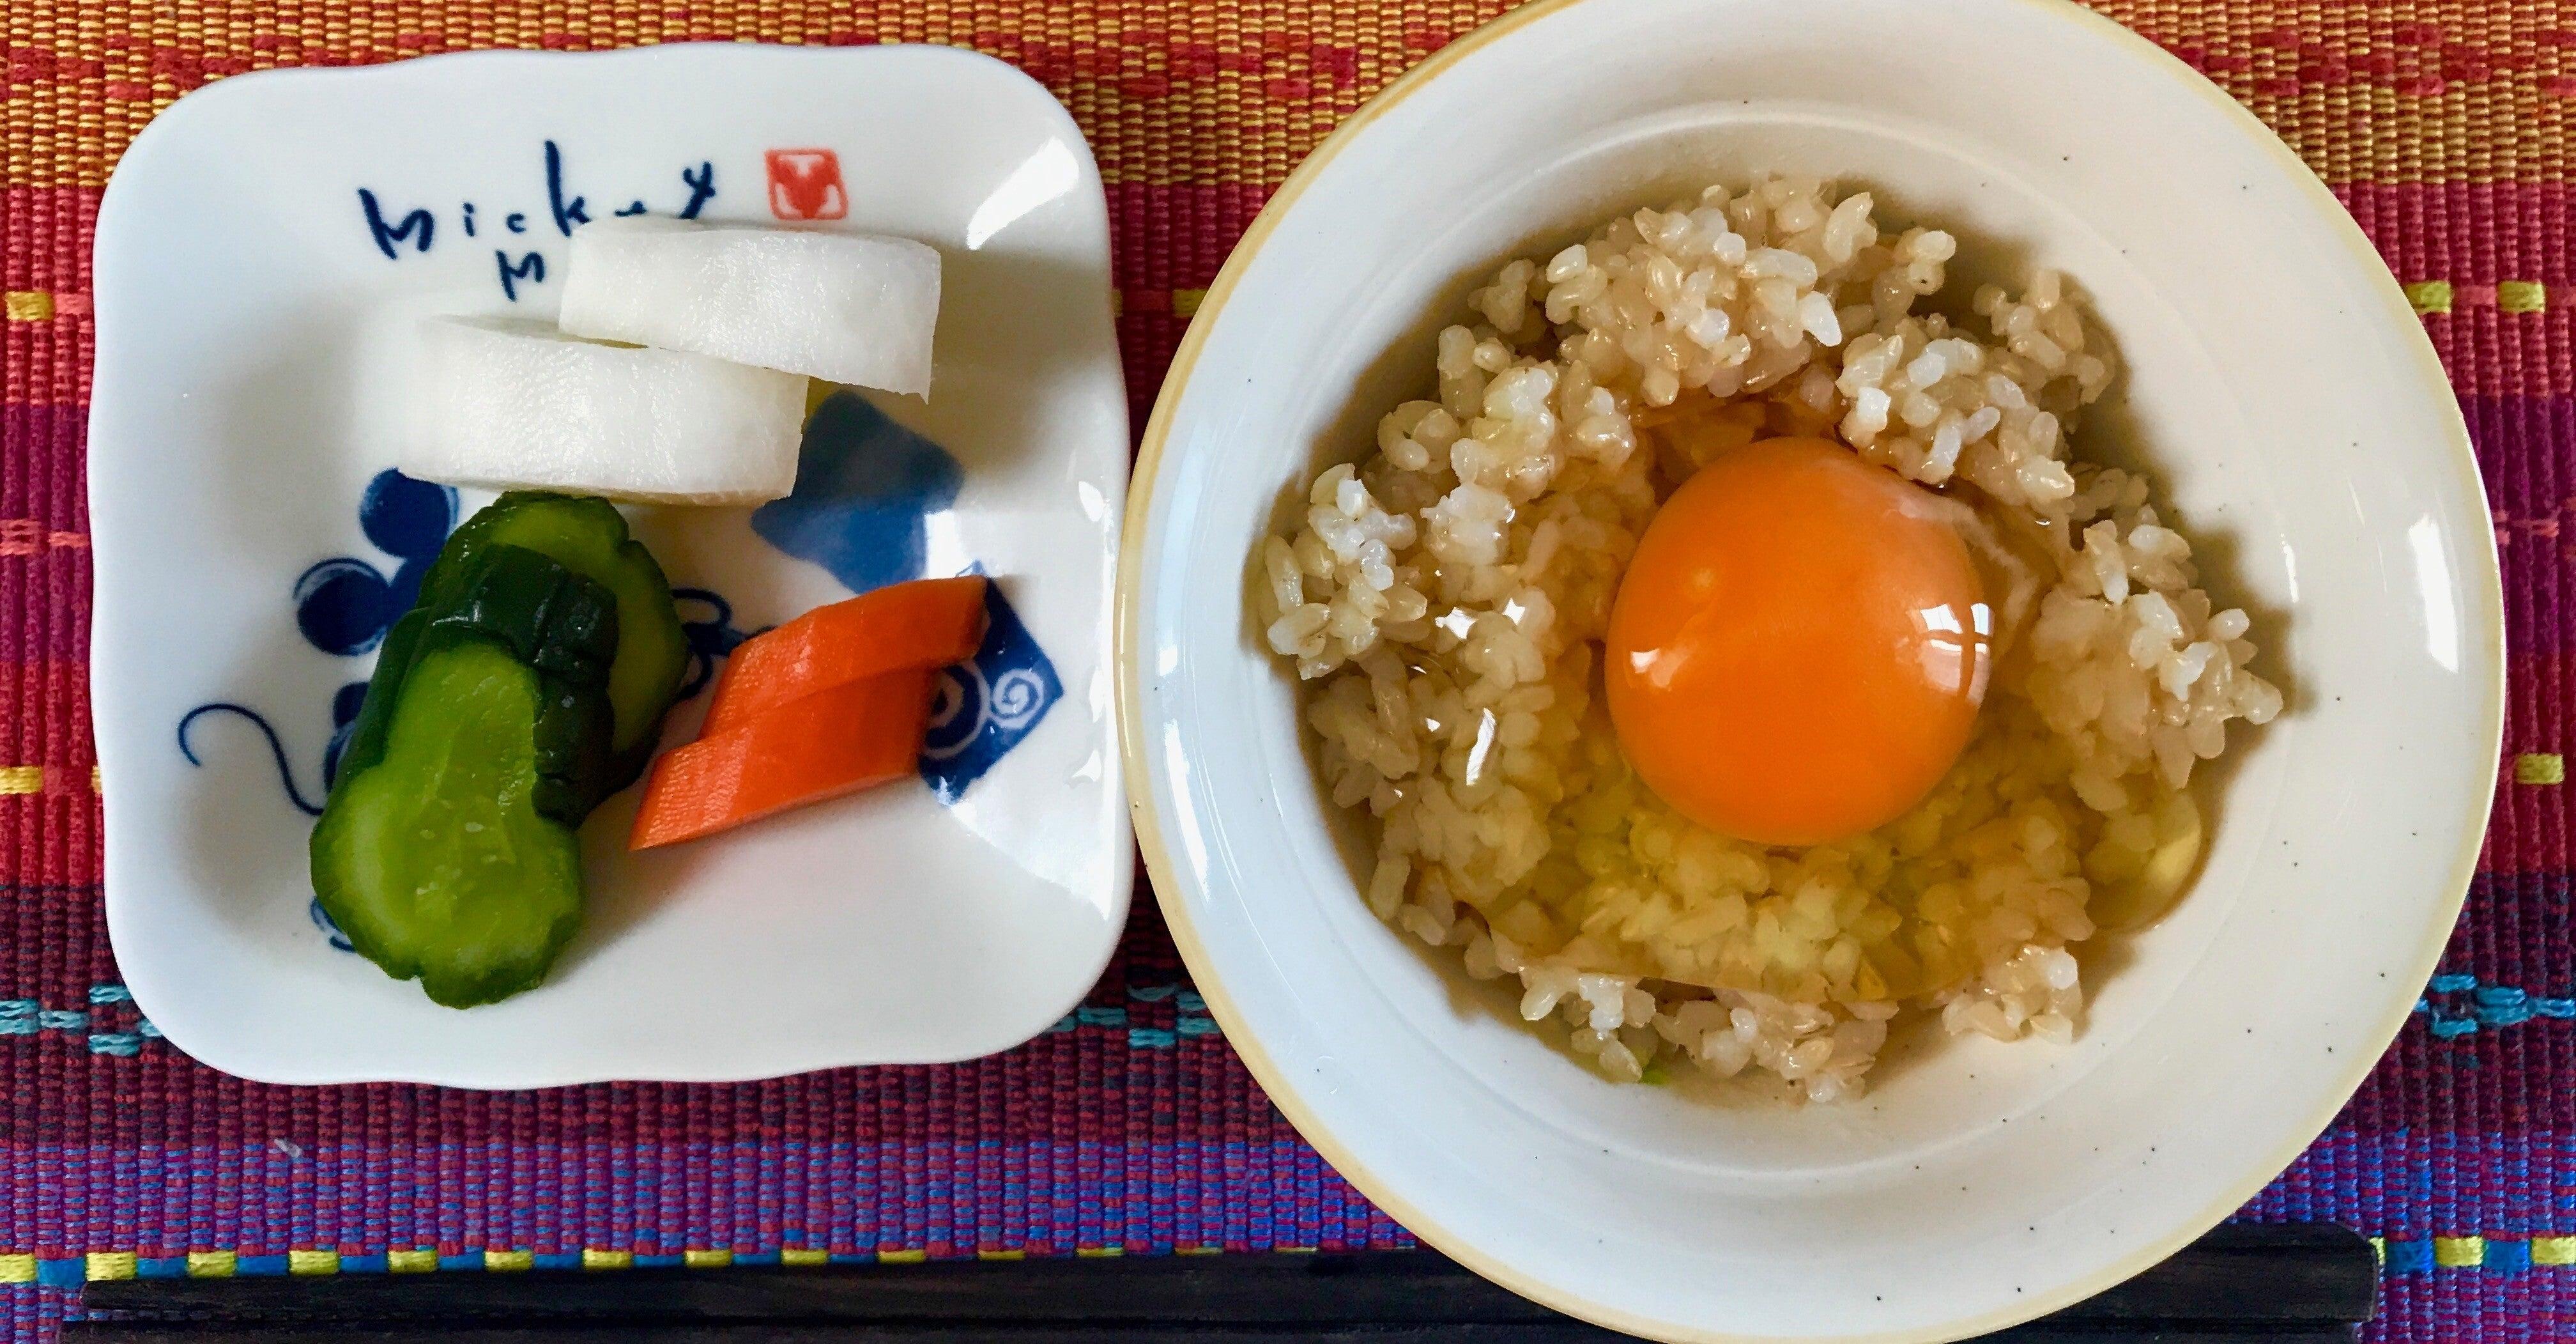 ご飯 県 兵庫 かけ 卵